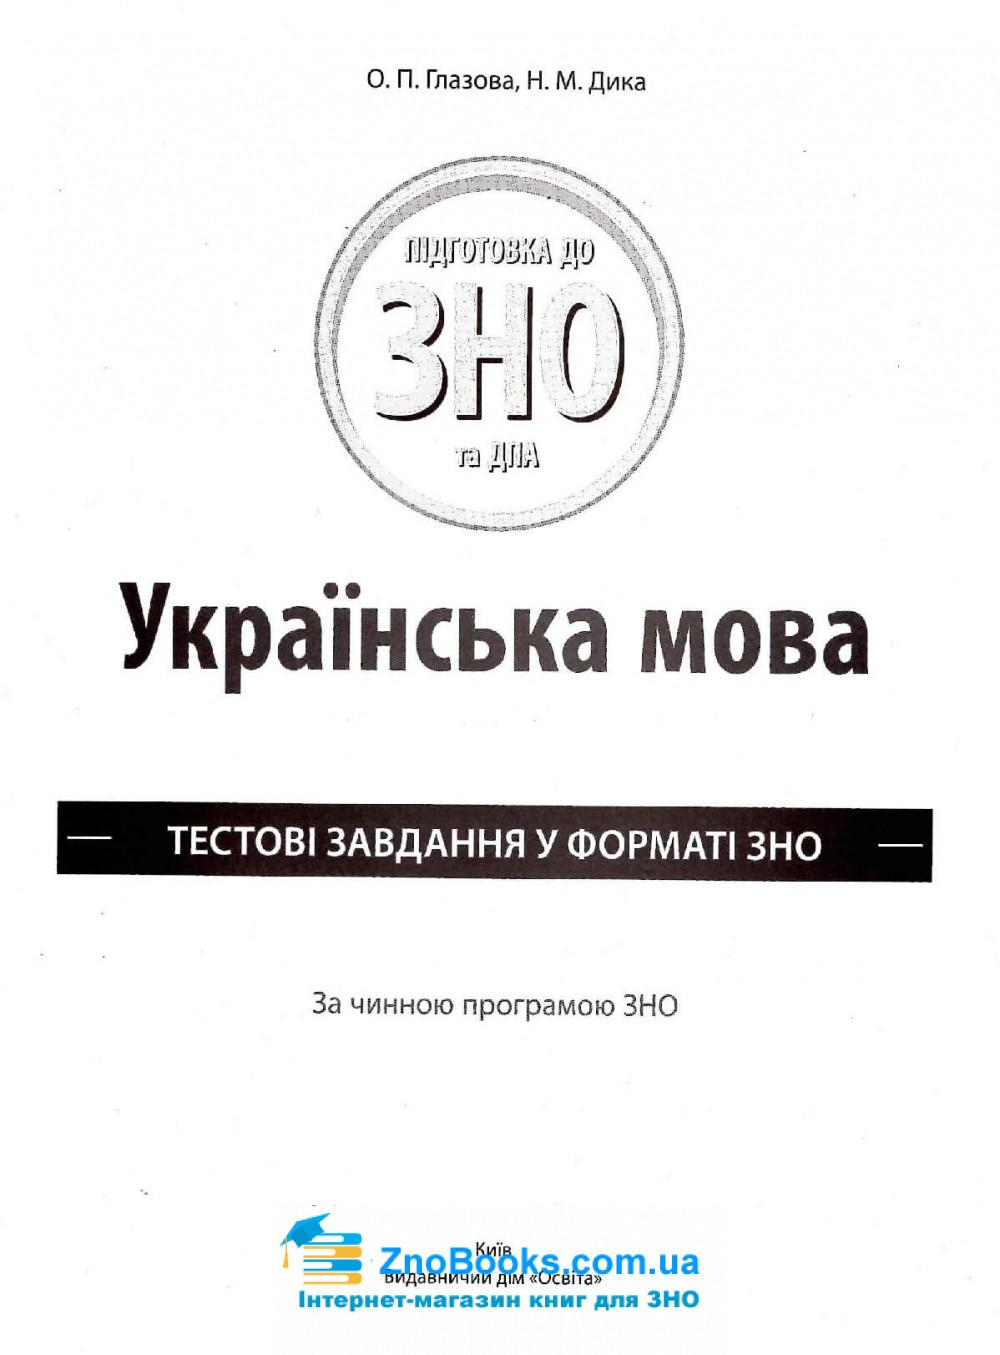 Українська мова (Глазова). Тести до ЗНО 2020 Освіта. купити 1